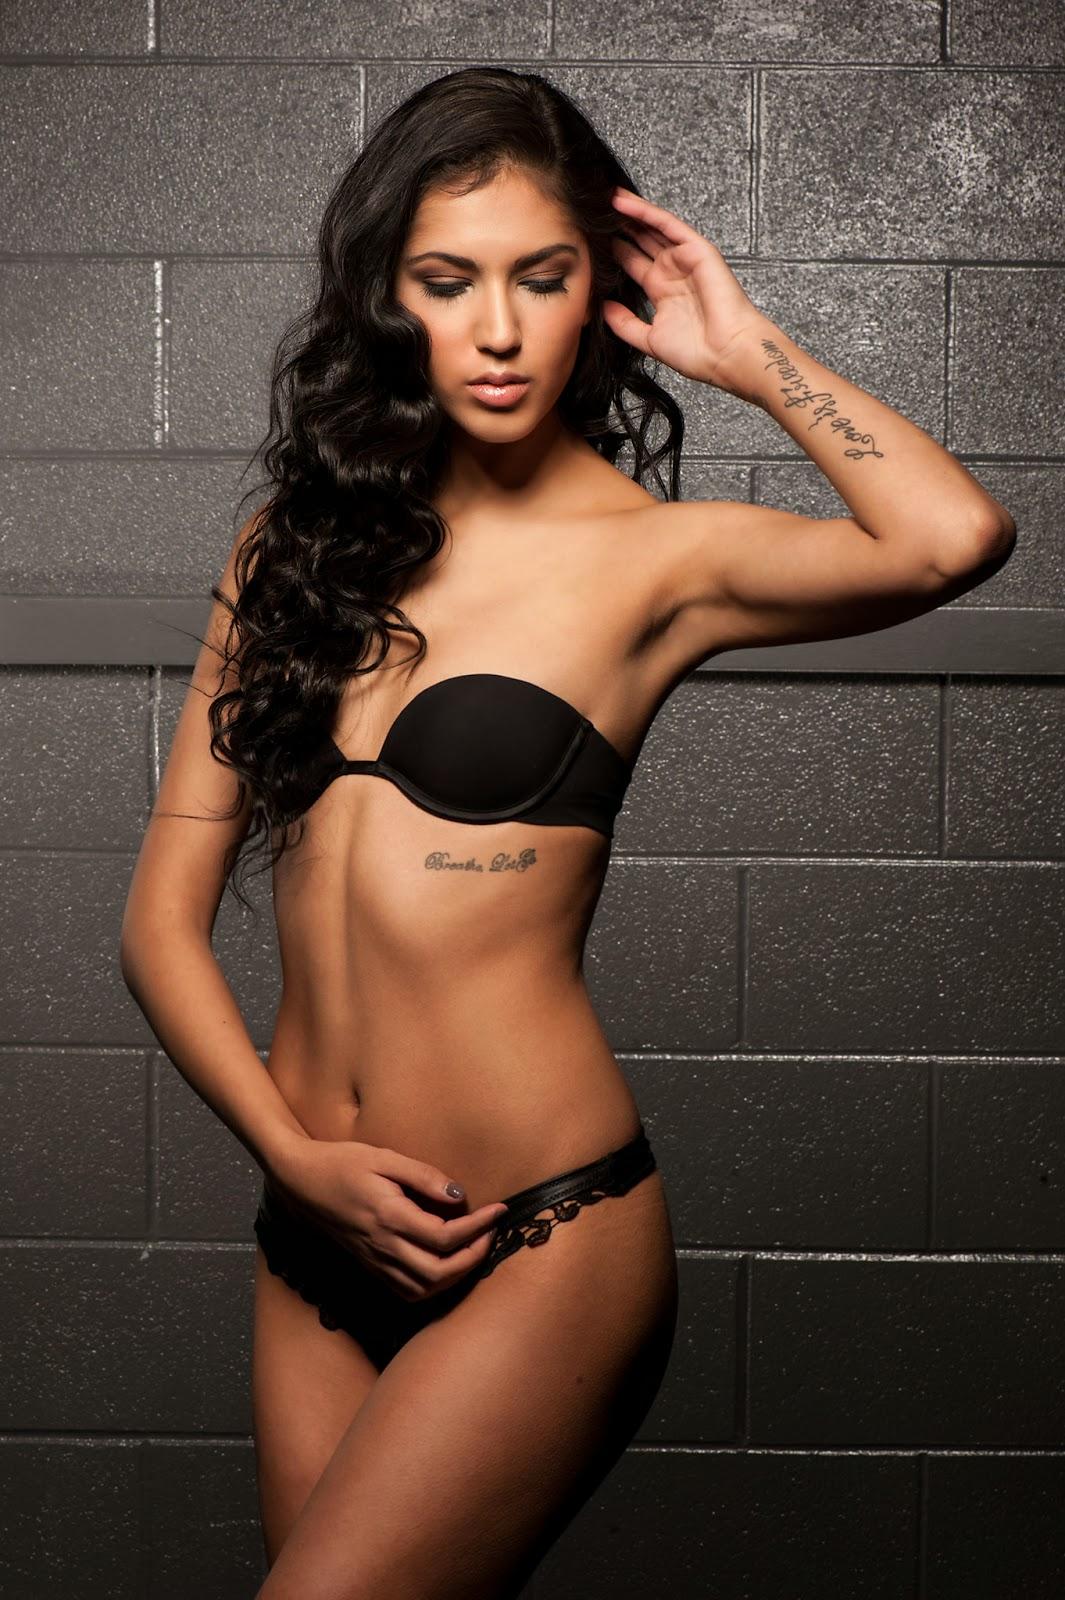 Danika Model